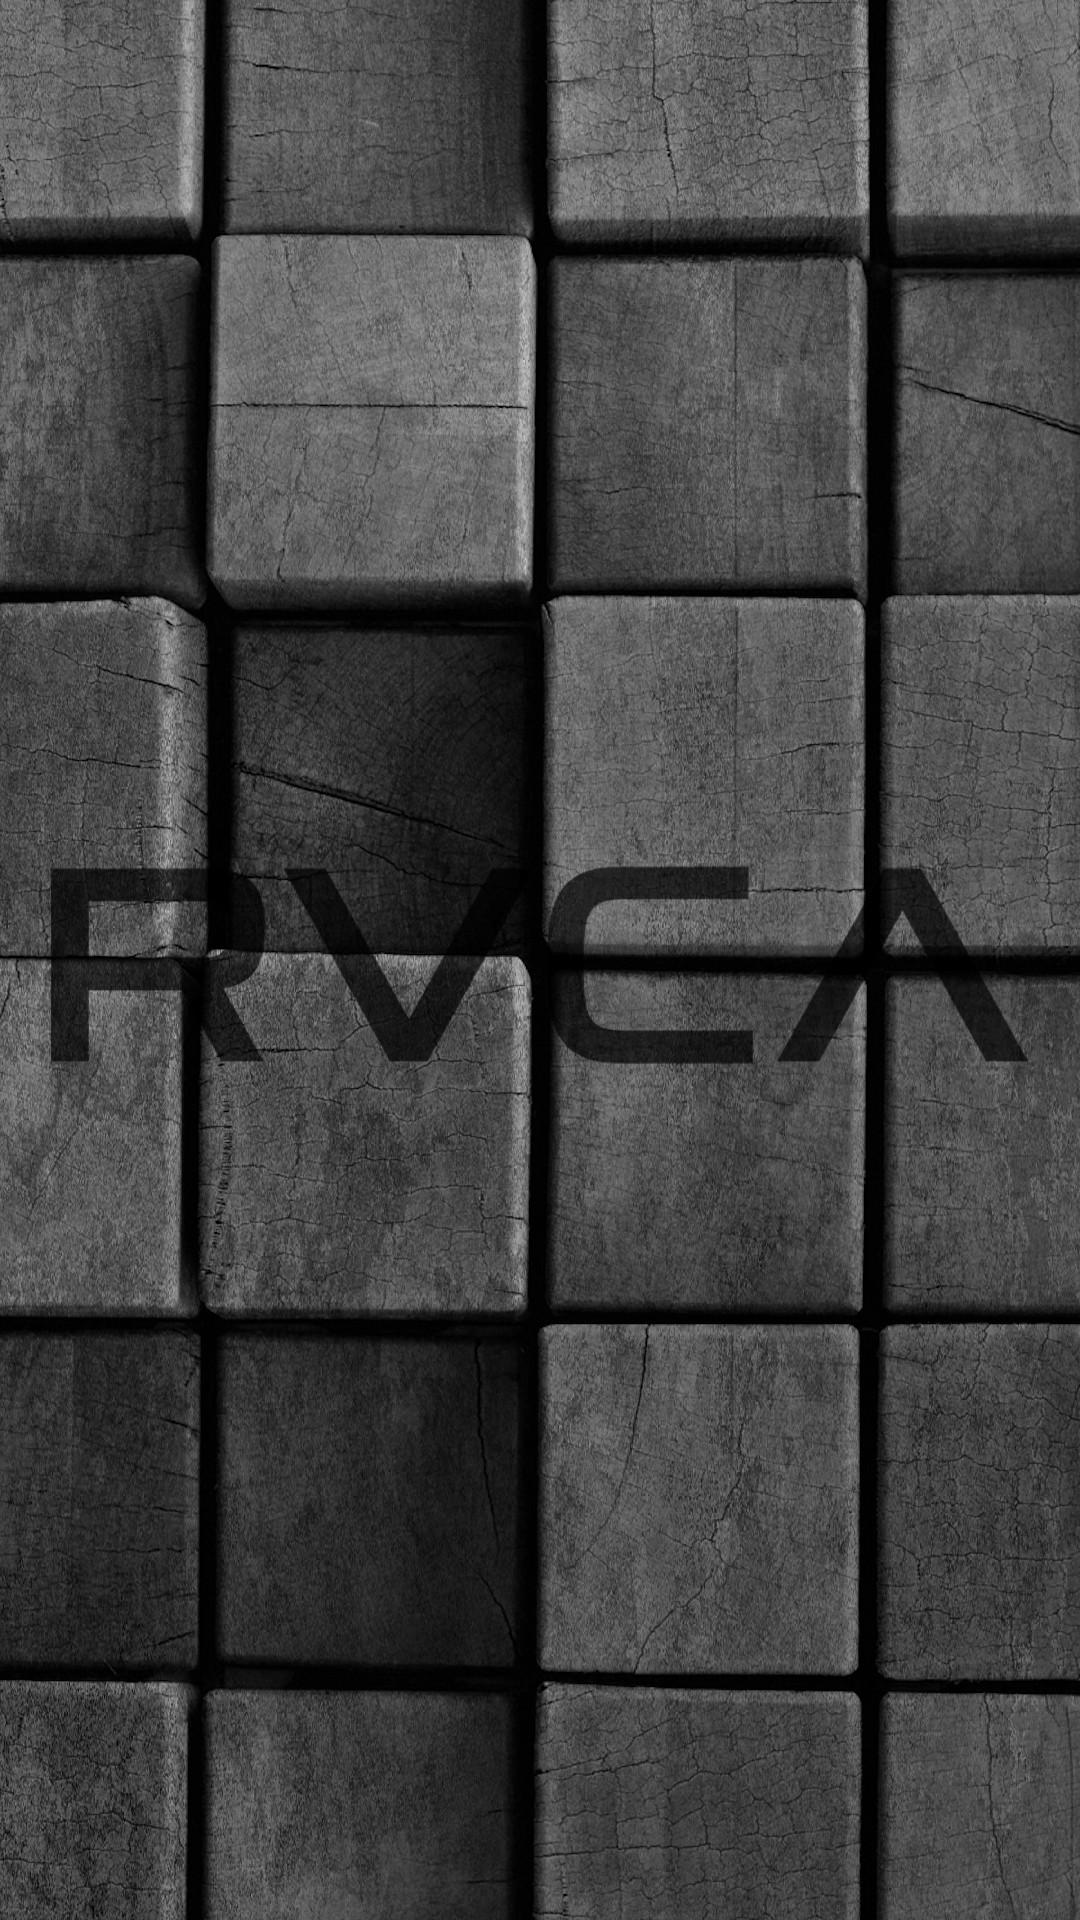 RVCA cubes.png